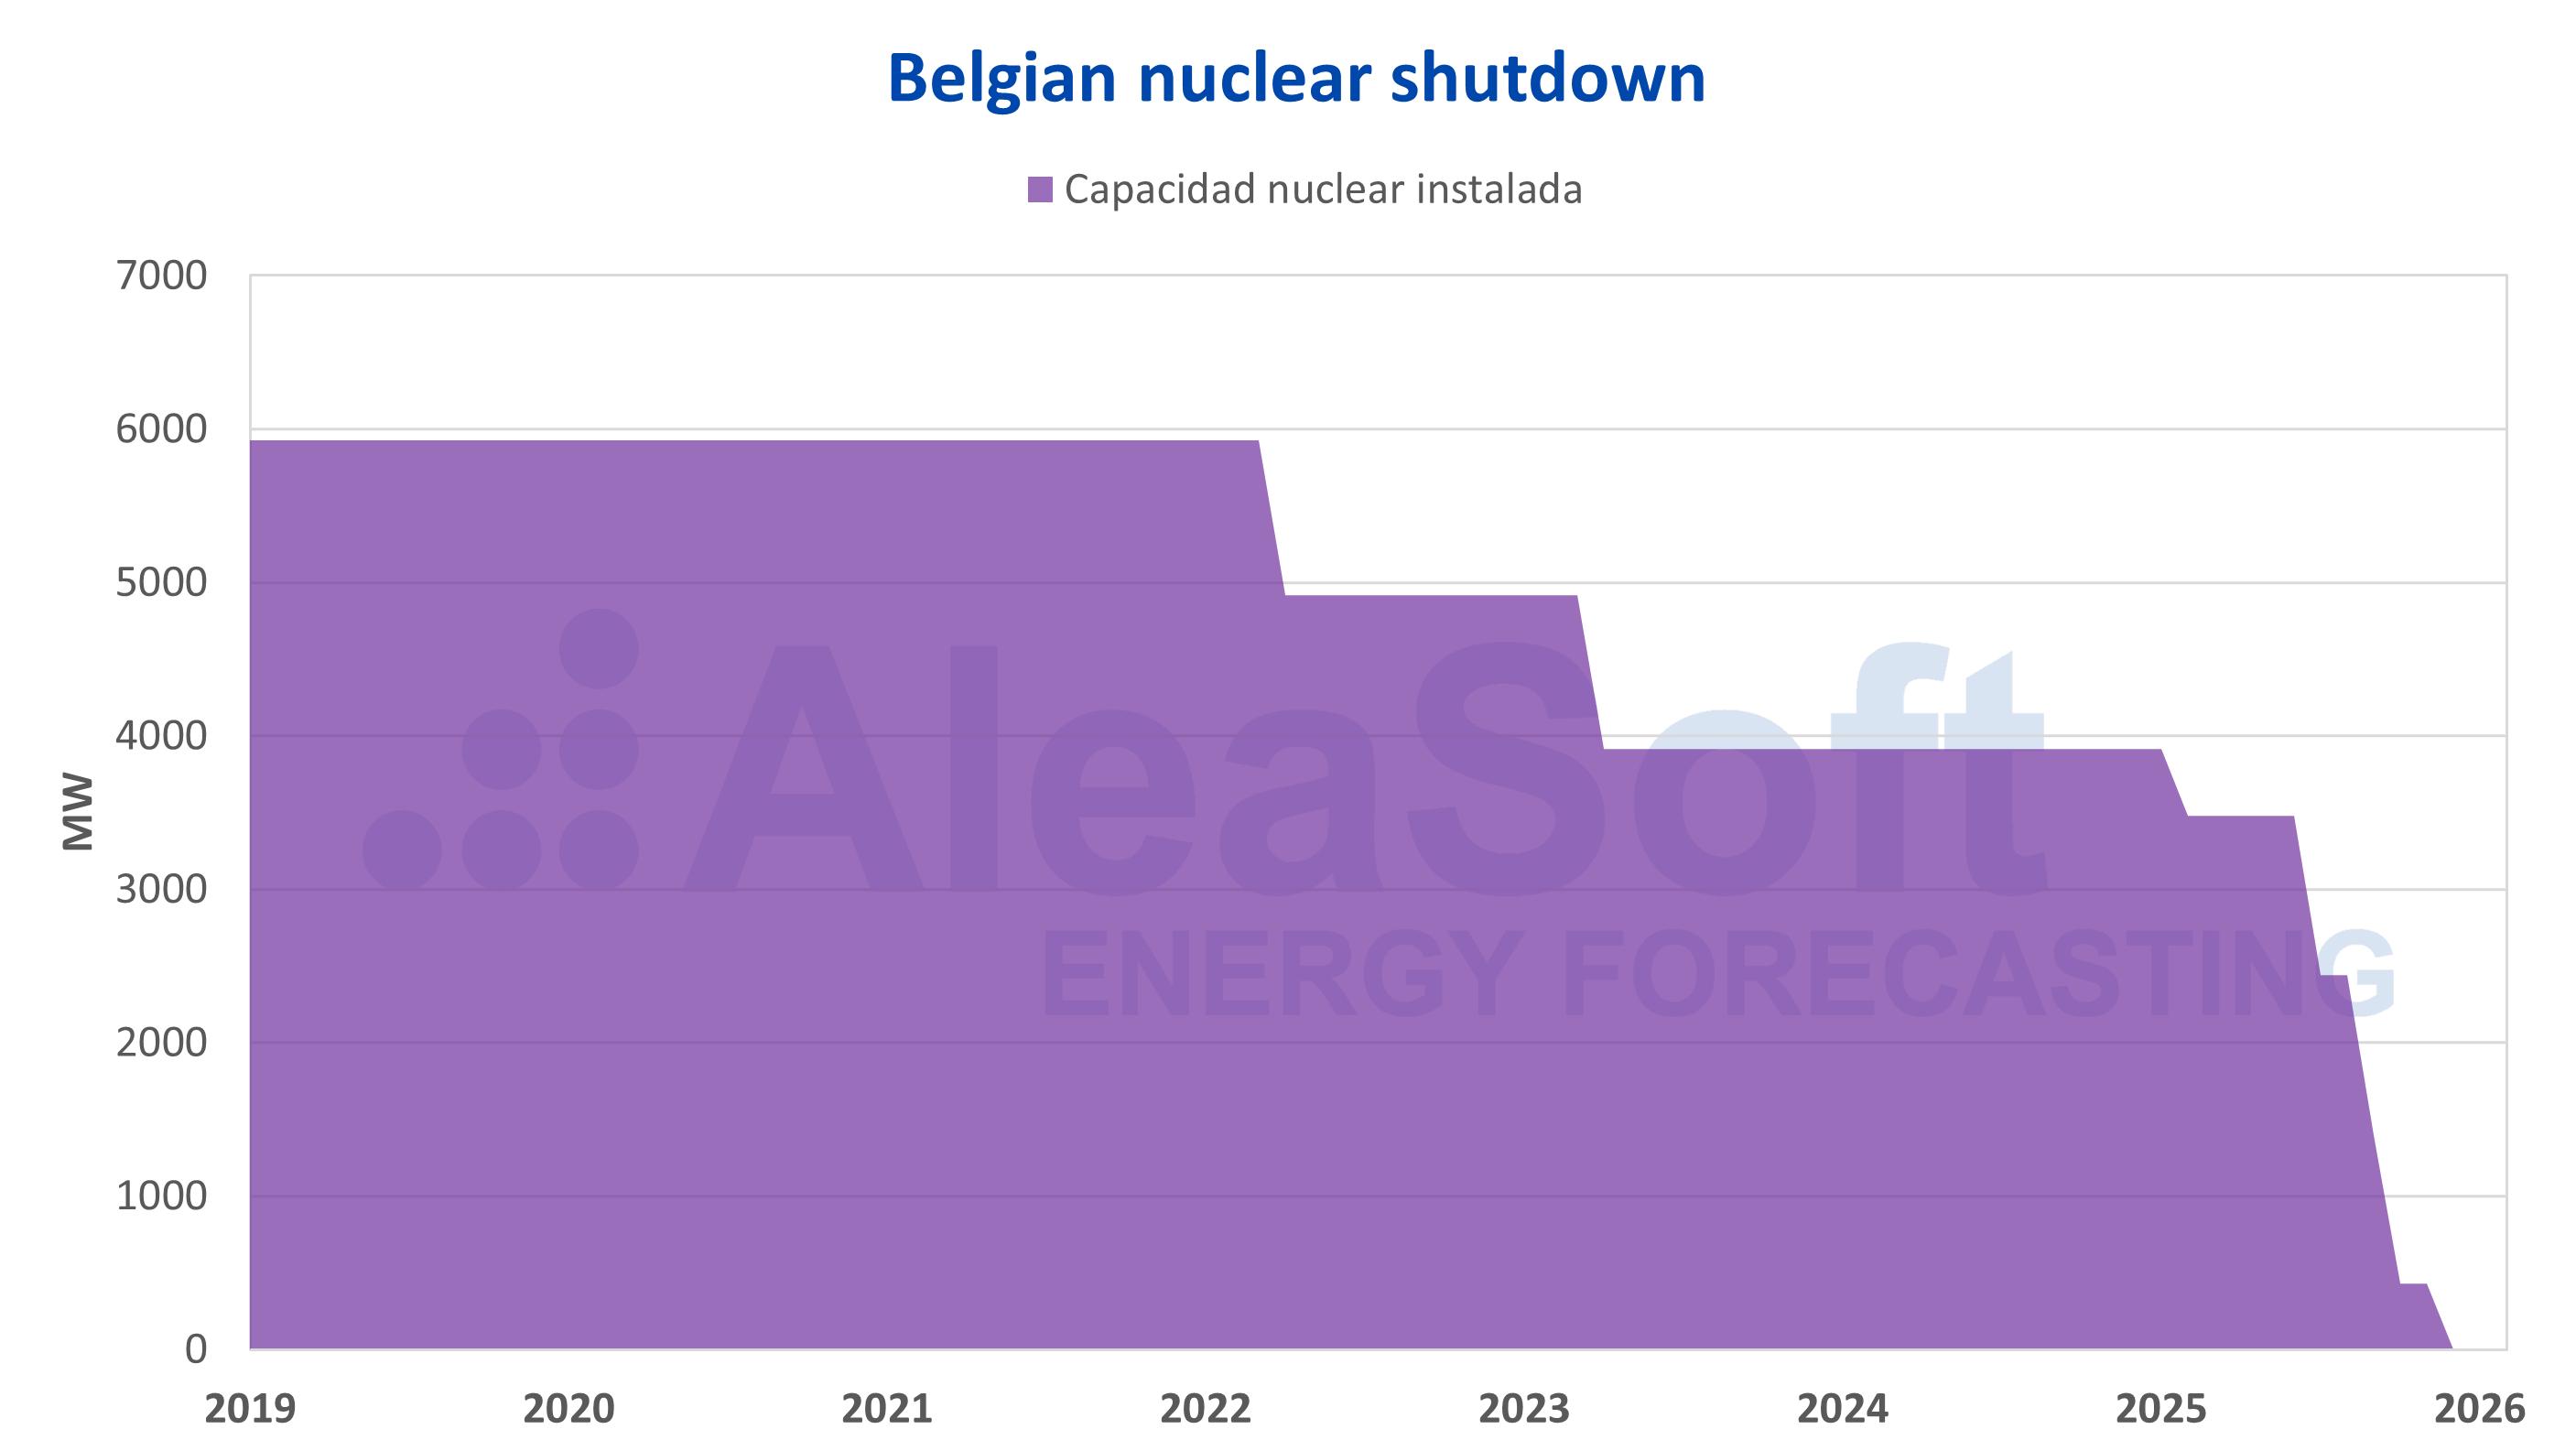 AleaSoft - Belgium nuclear shutdown